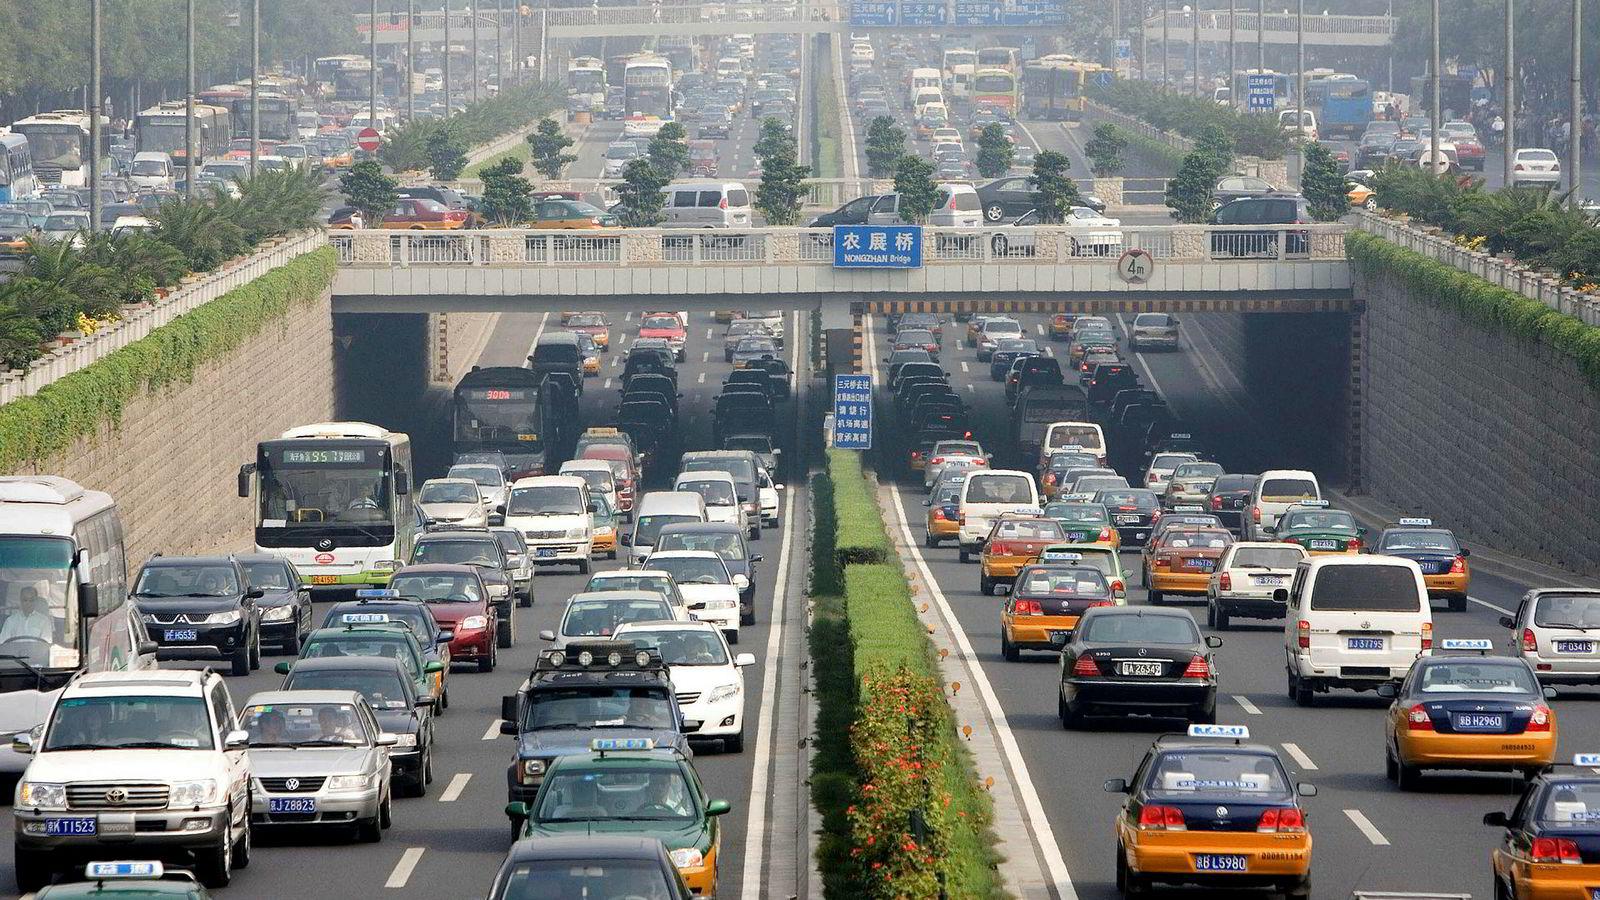 «Hvis Norge er ansvarlig for utslippene fra folk som kjører bil med norsk olje på tanken, er Kina ansvarlig for utslippene som oppstår når vi forbrenner produkter som er «made in China» i våre avfallsanlegg», skriver innleggsforfatteren. Bildet er fra Beijing.